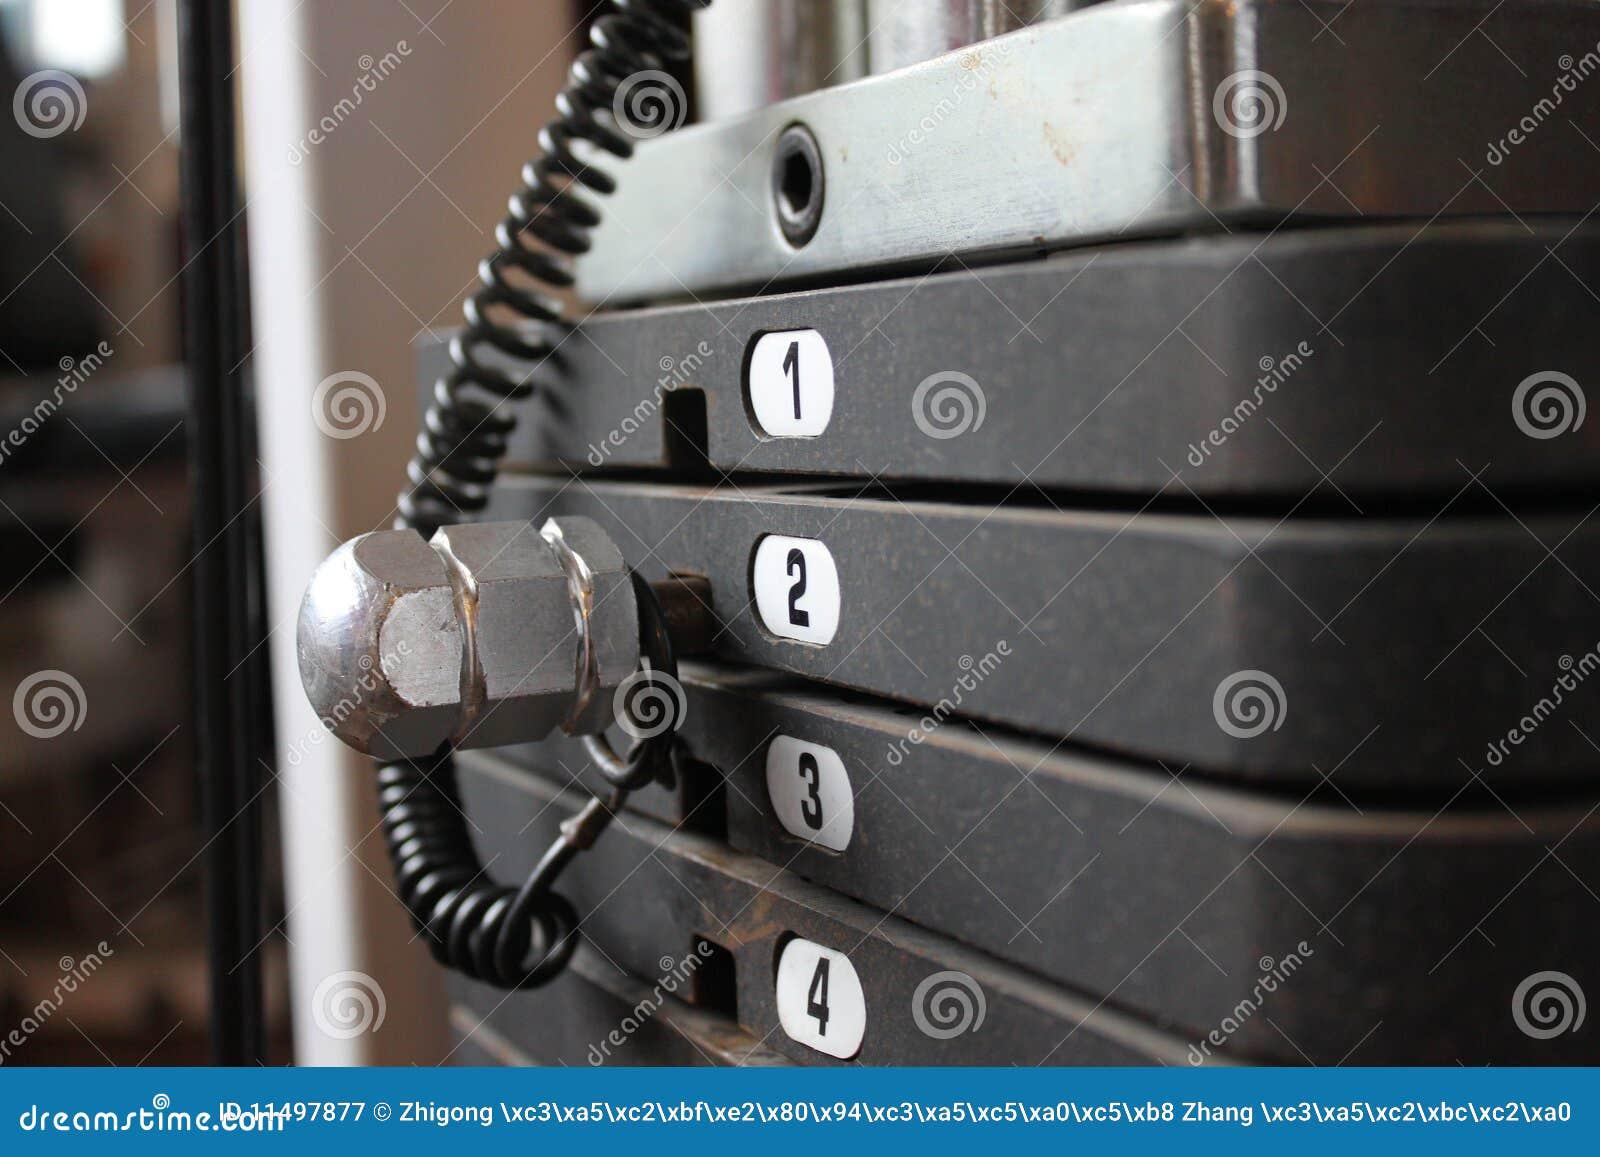 Planche los pesos en la máquina del ejercicio, compos horizontales